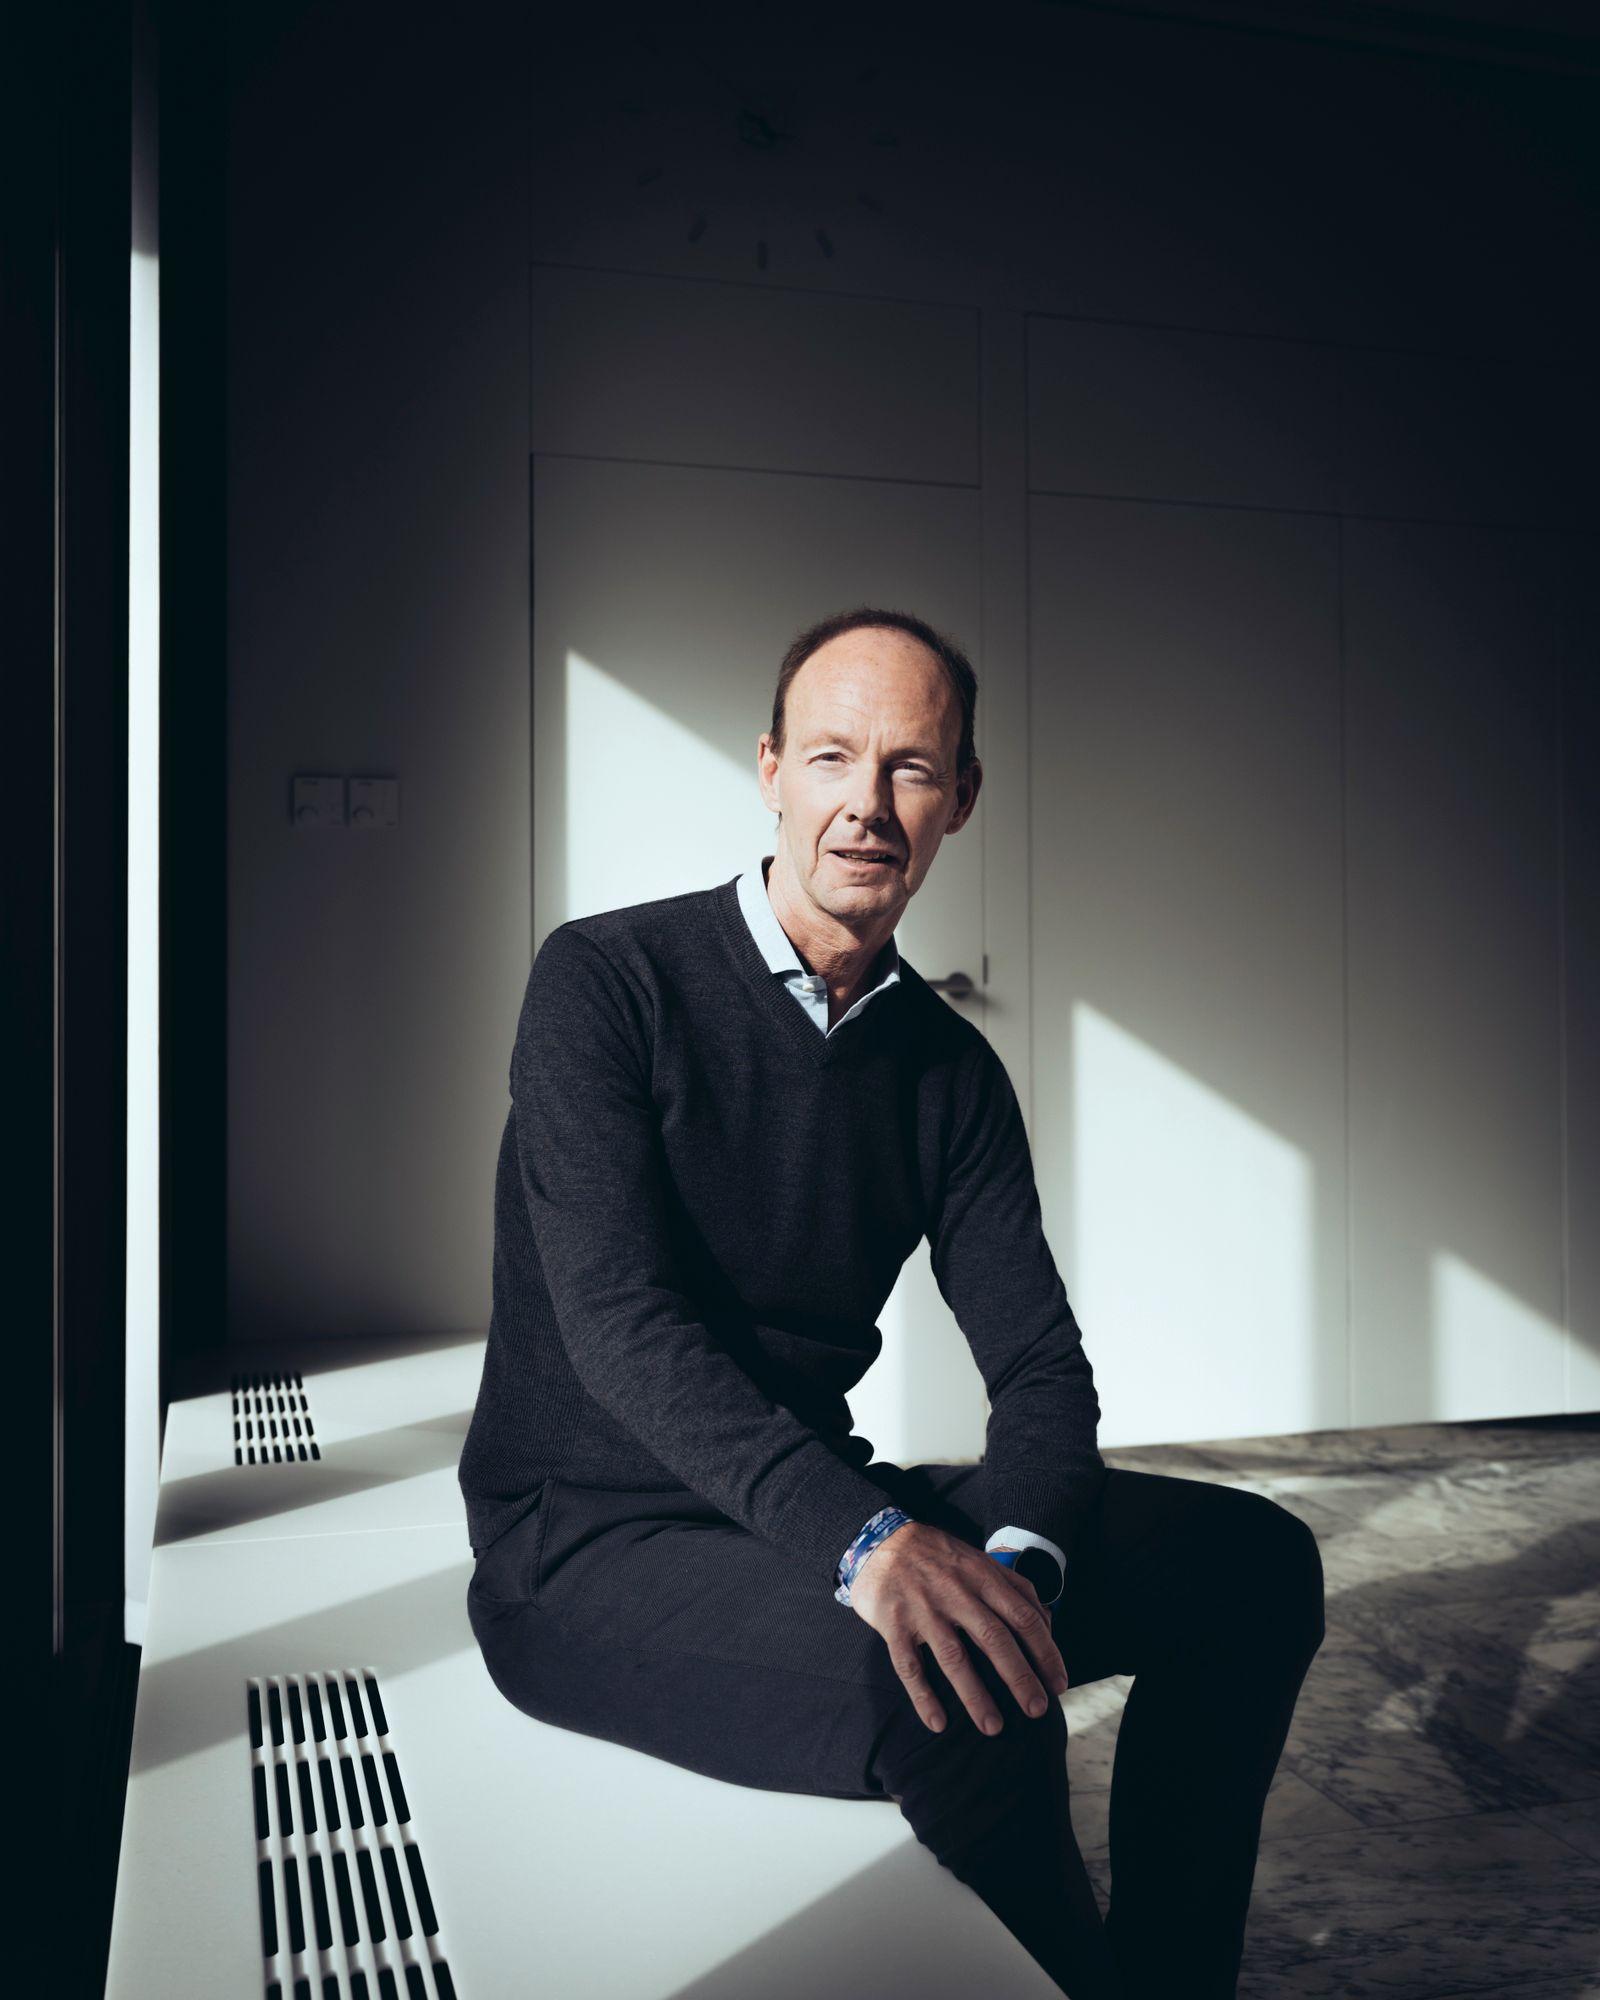 Der Spiegel - Thomas Rabe, bei Bertelsmann in Gütersloh